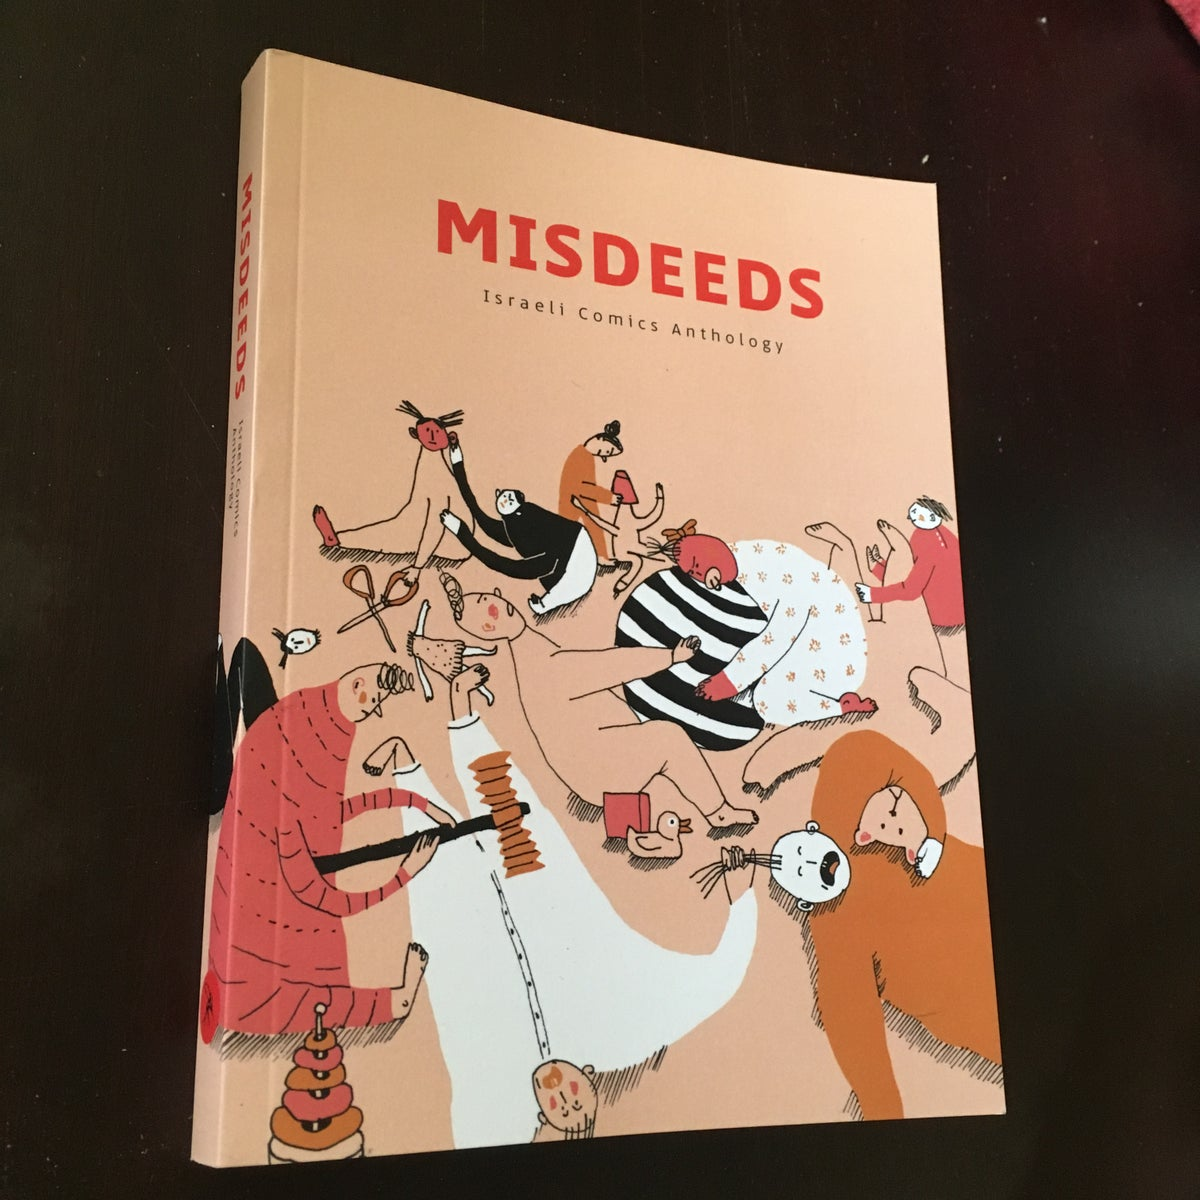 Image of Misdeeds, Israeli Comics Anthology